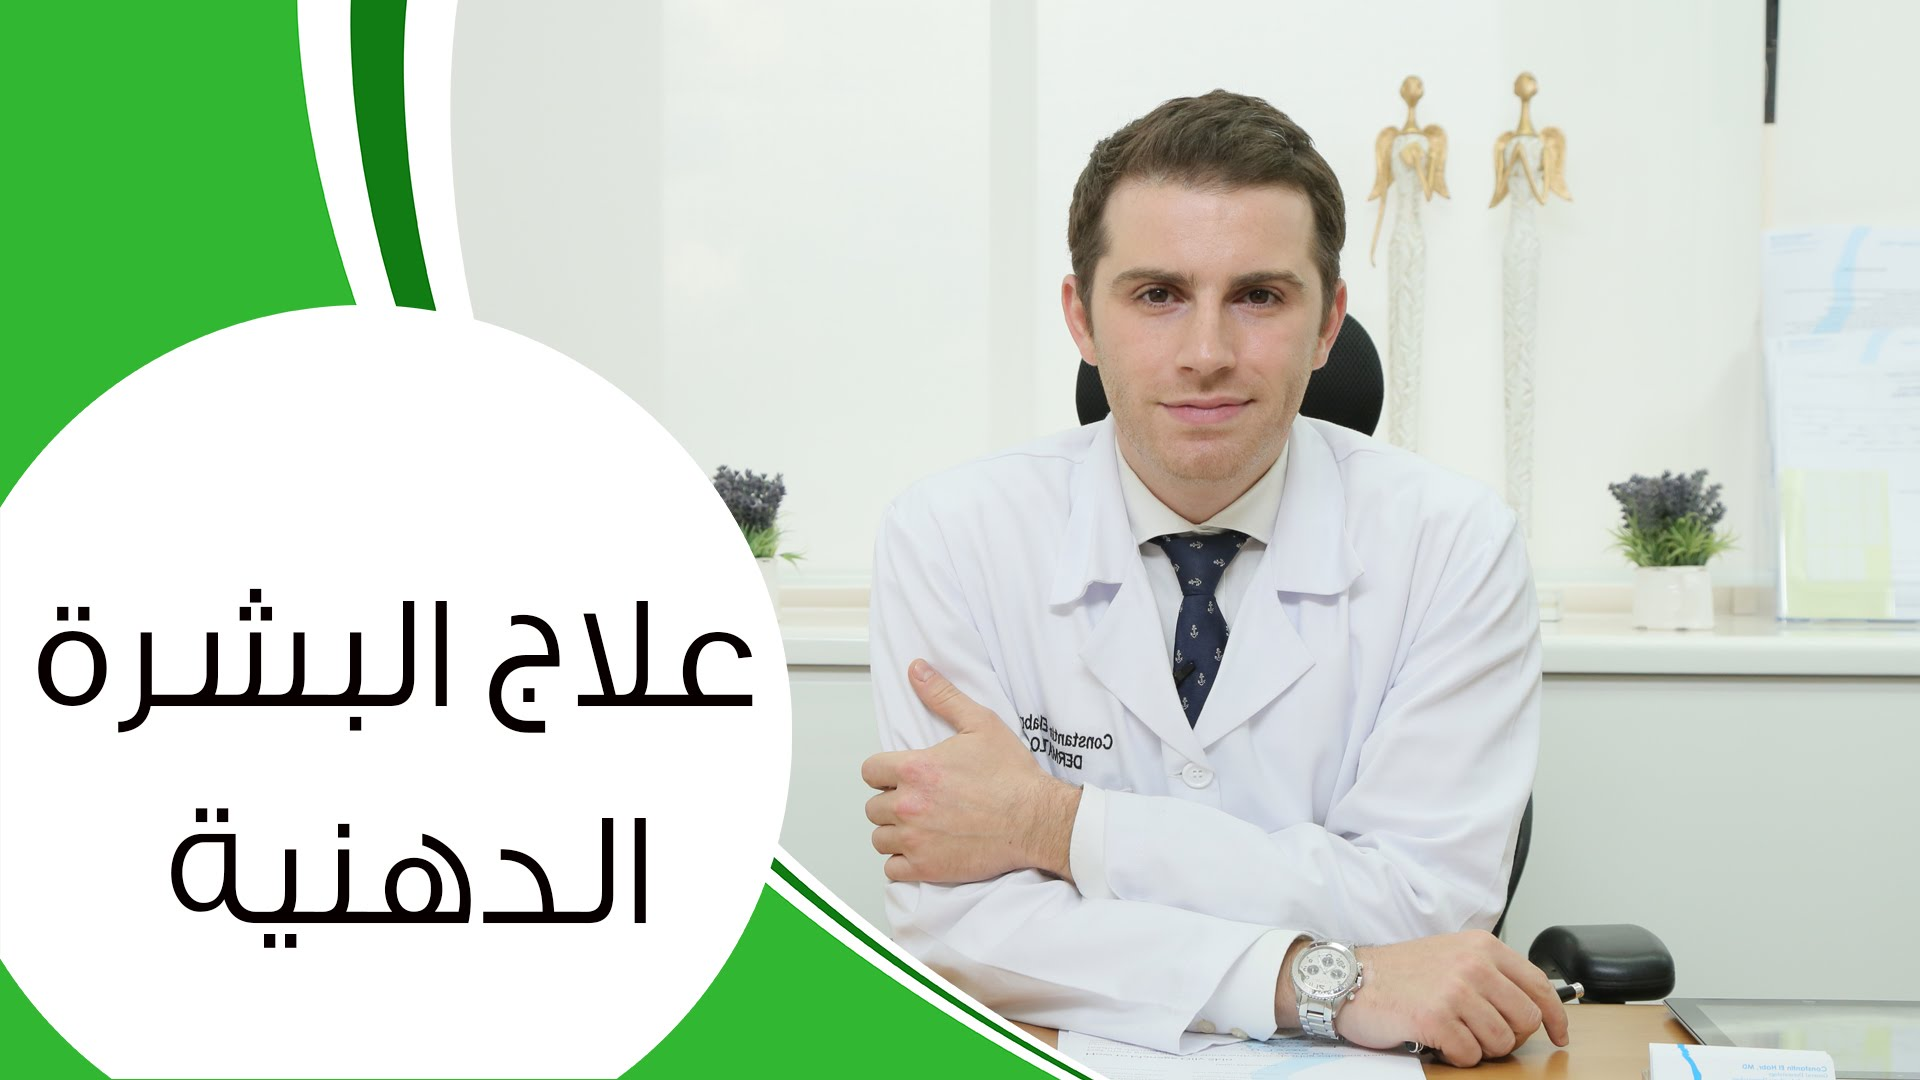 صورة علاج البشرة الدهنية , العلاج الامثل للقضاء على البشرة الدهنية